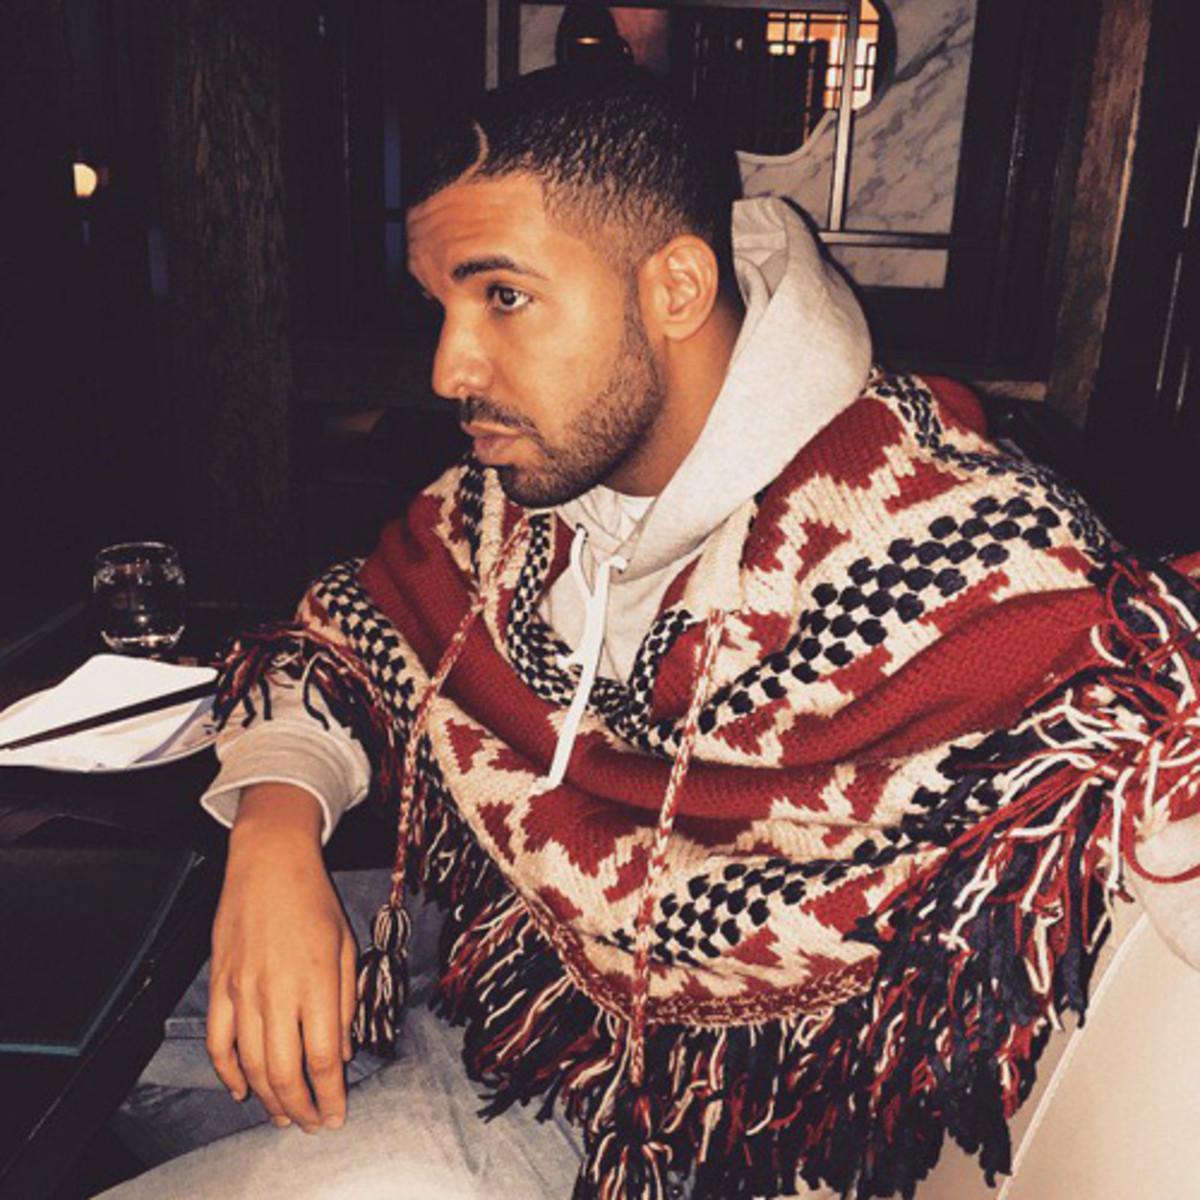 Drakes big dick